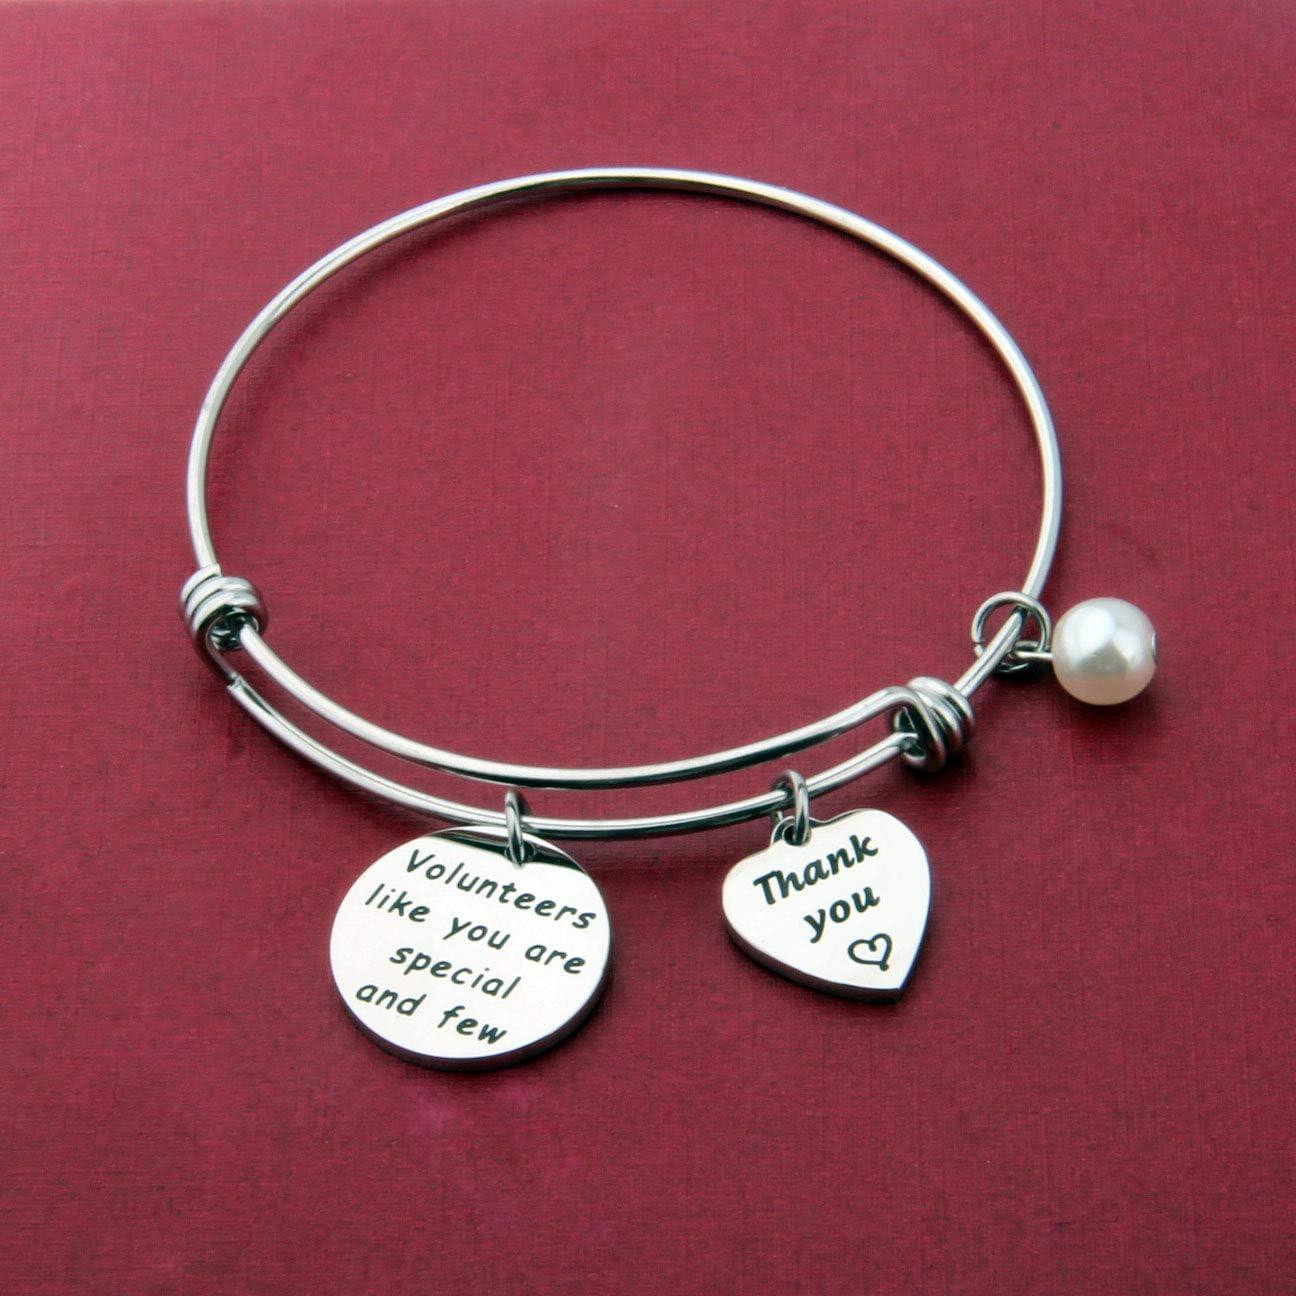 A21 Thank You  Volunteer Waxed Cotton Cord Friendship Jewelry Little Heart Bracelet Volunteer Appreciation Gift Wish Bracelet